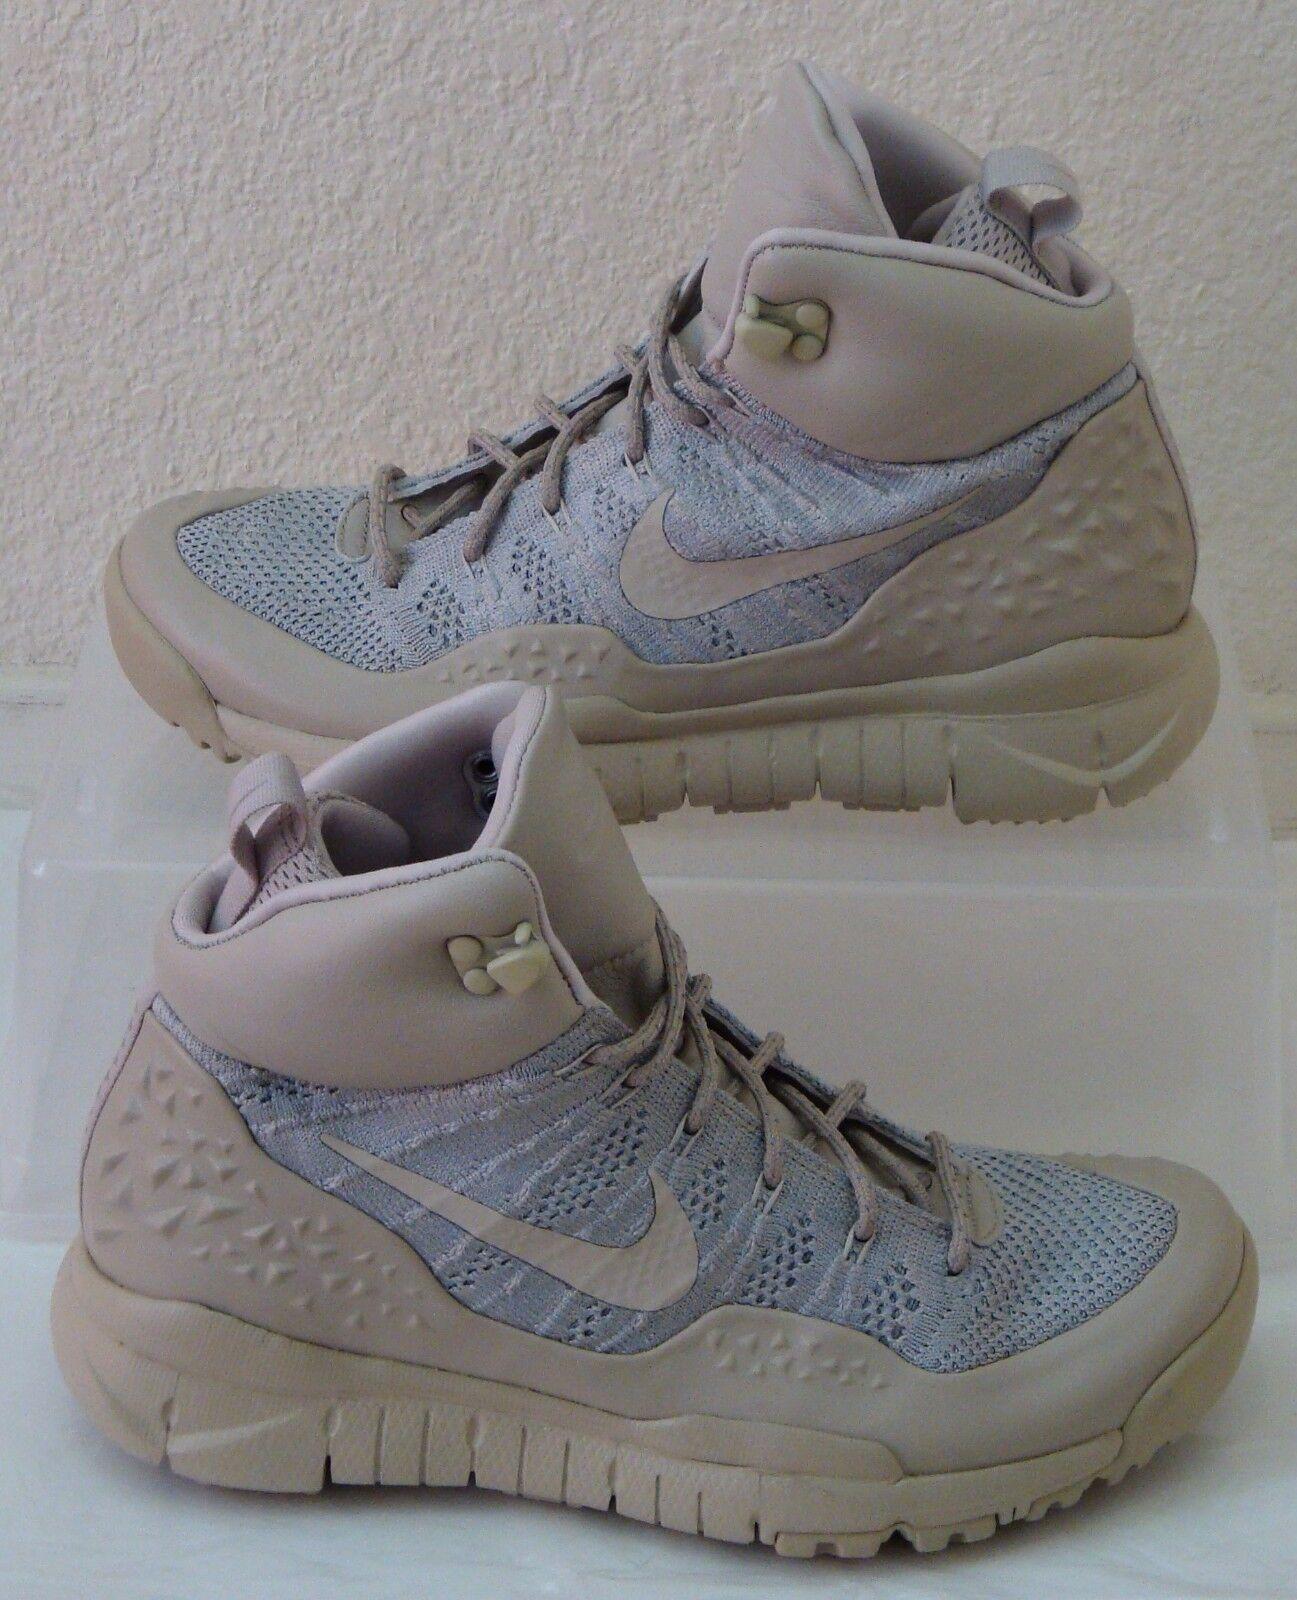 New Nike Sneakerboot Lupinek Flyknit Khaki Bone femmes US